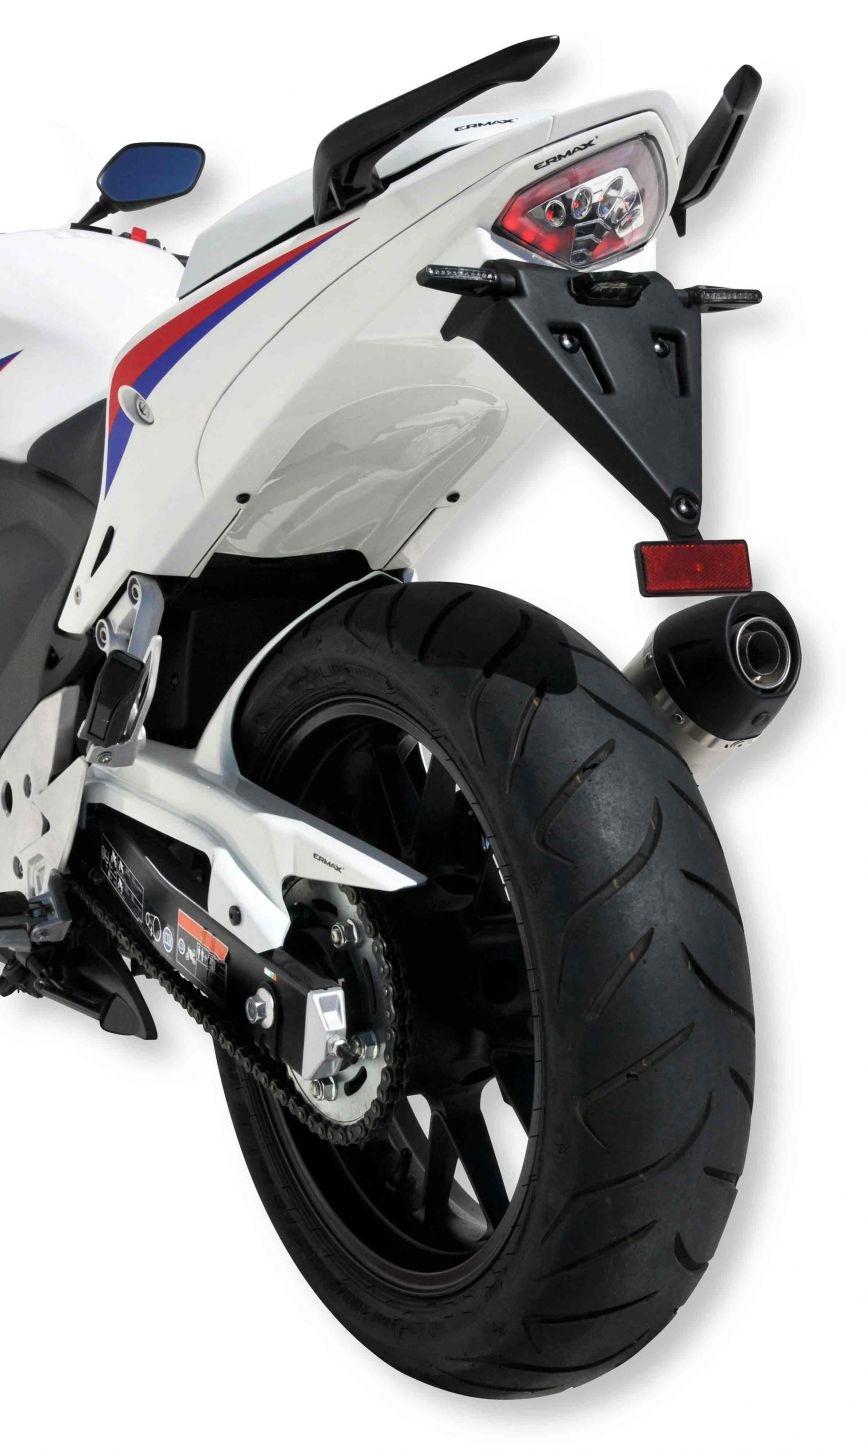 Passage de Roue Honda 500 CBF 2013-2015 + Eclairage Plaque et Support de Plaque ABS Brut